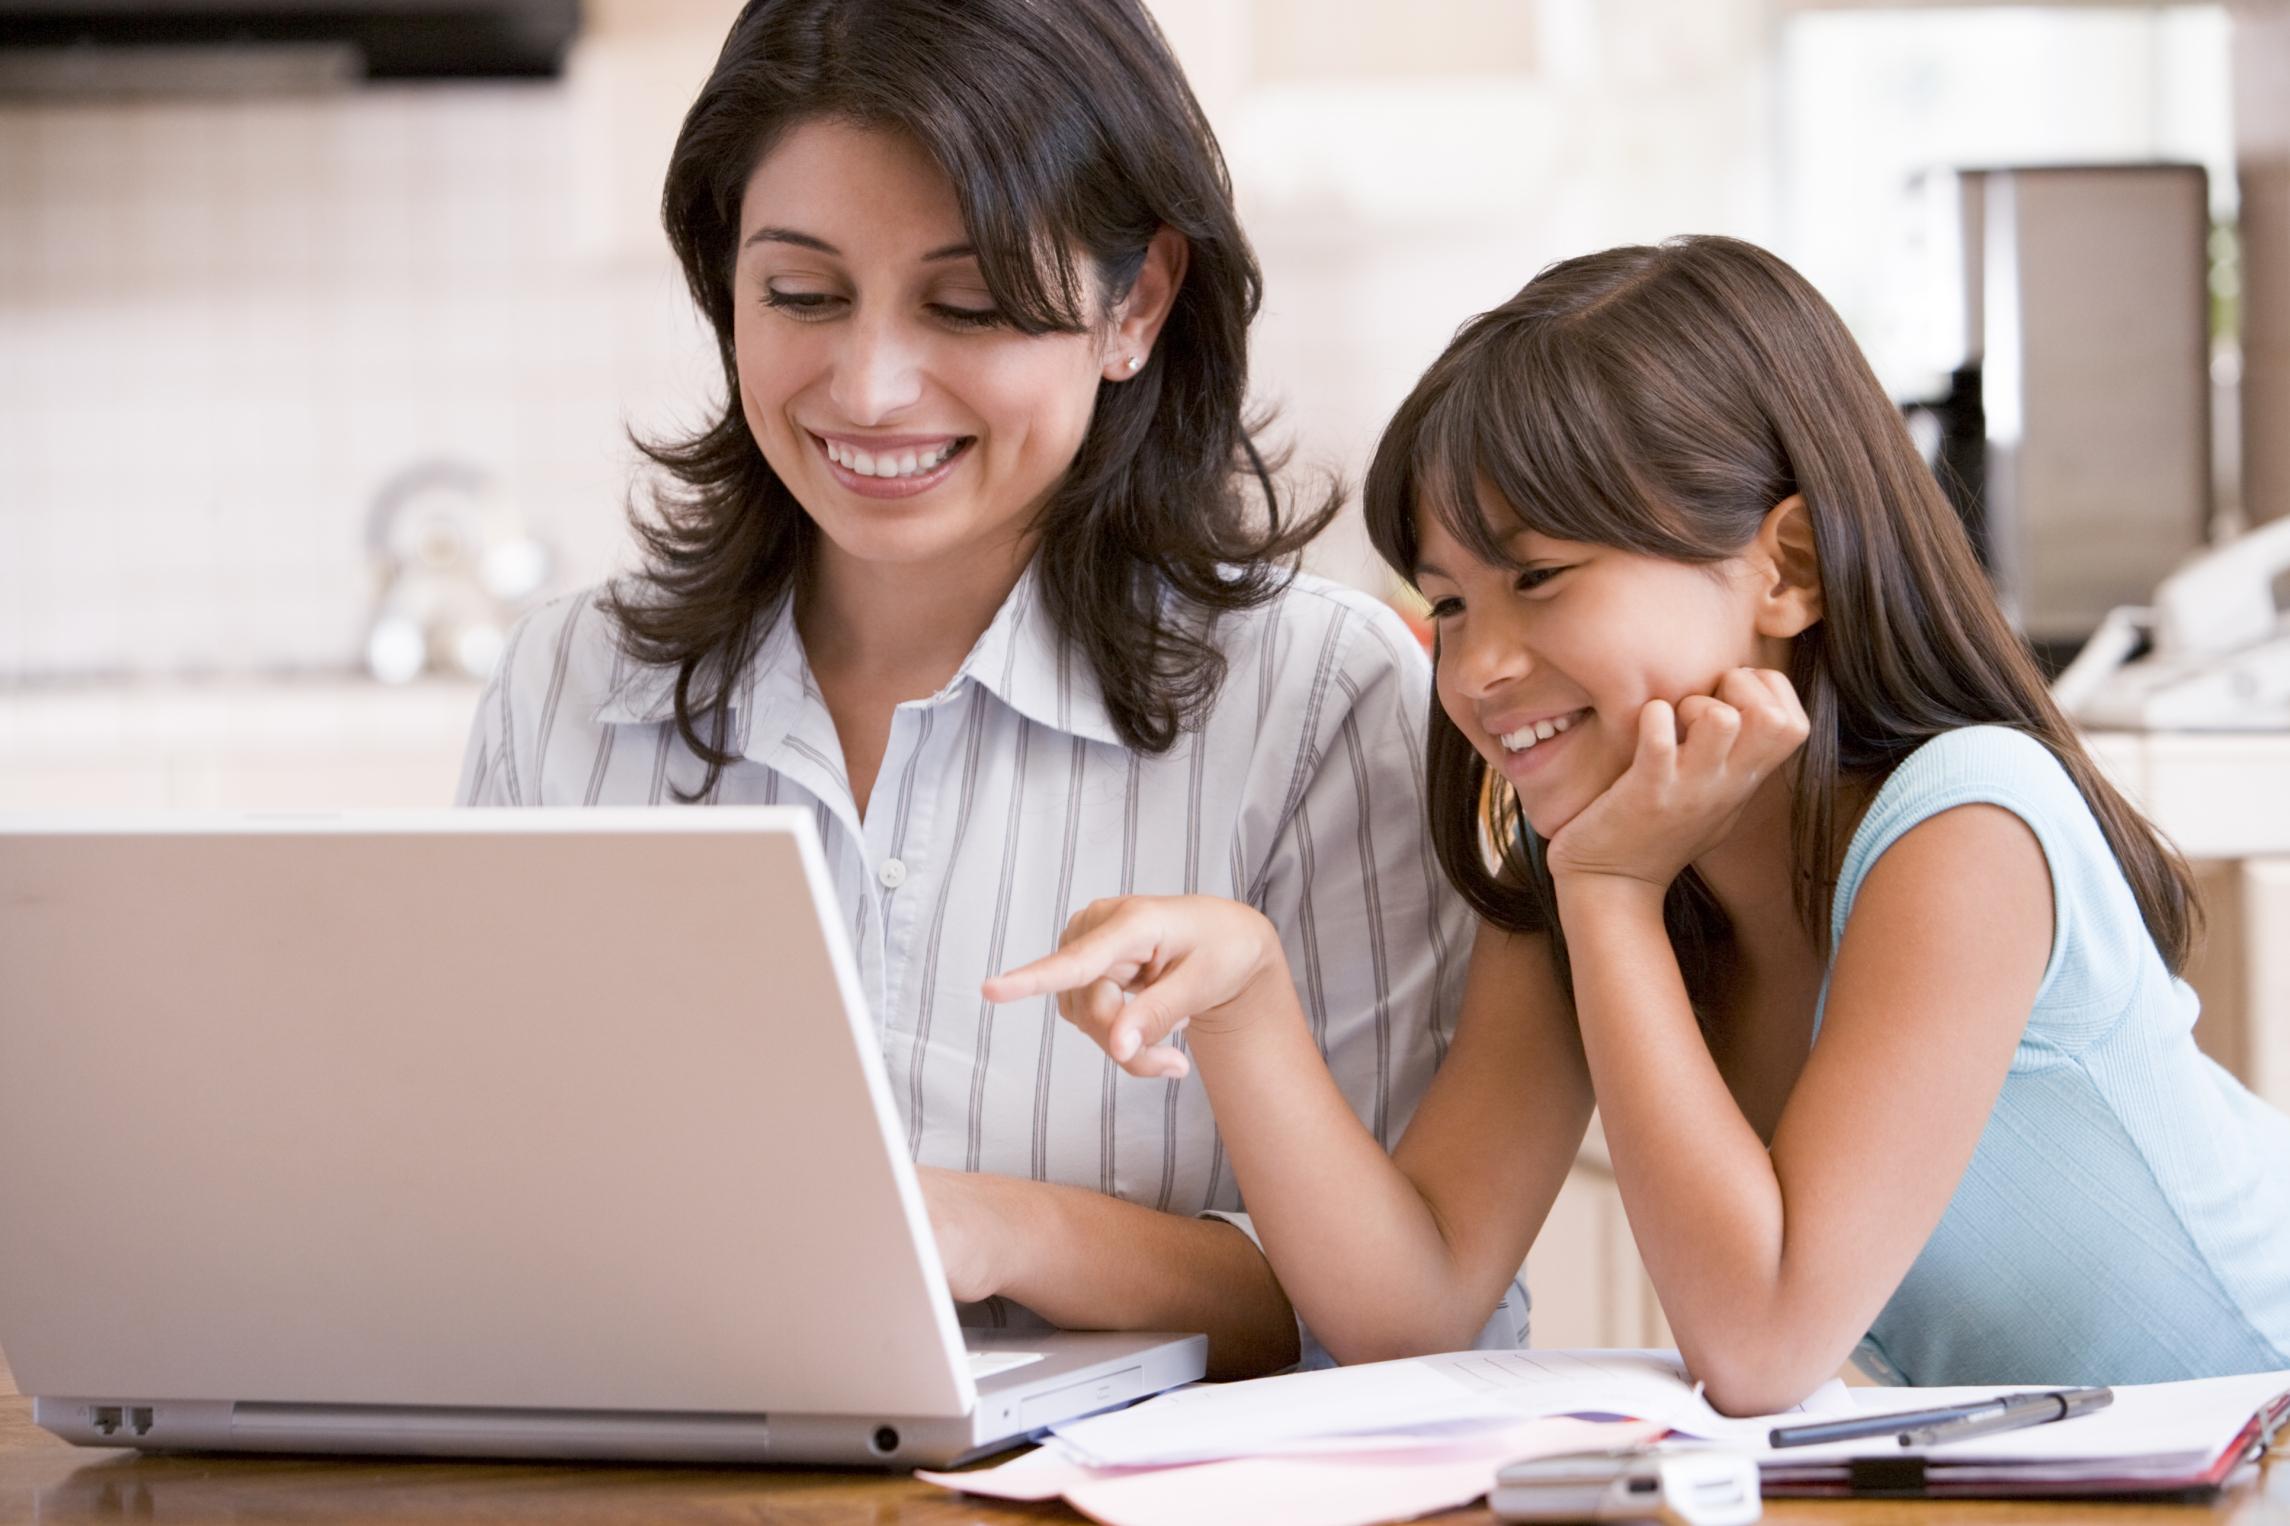 Смотреть онлайн молодого учат дома 11 фотография